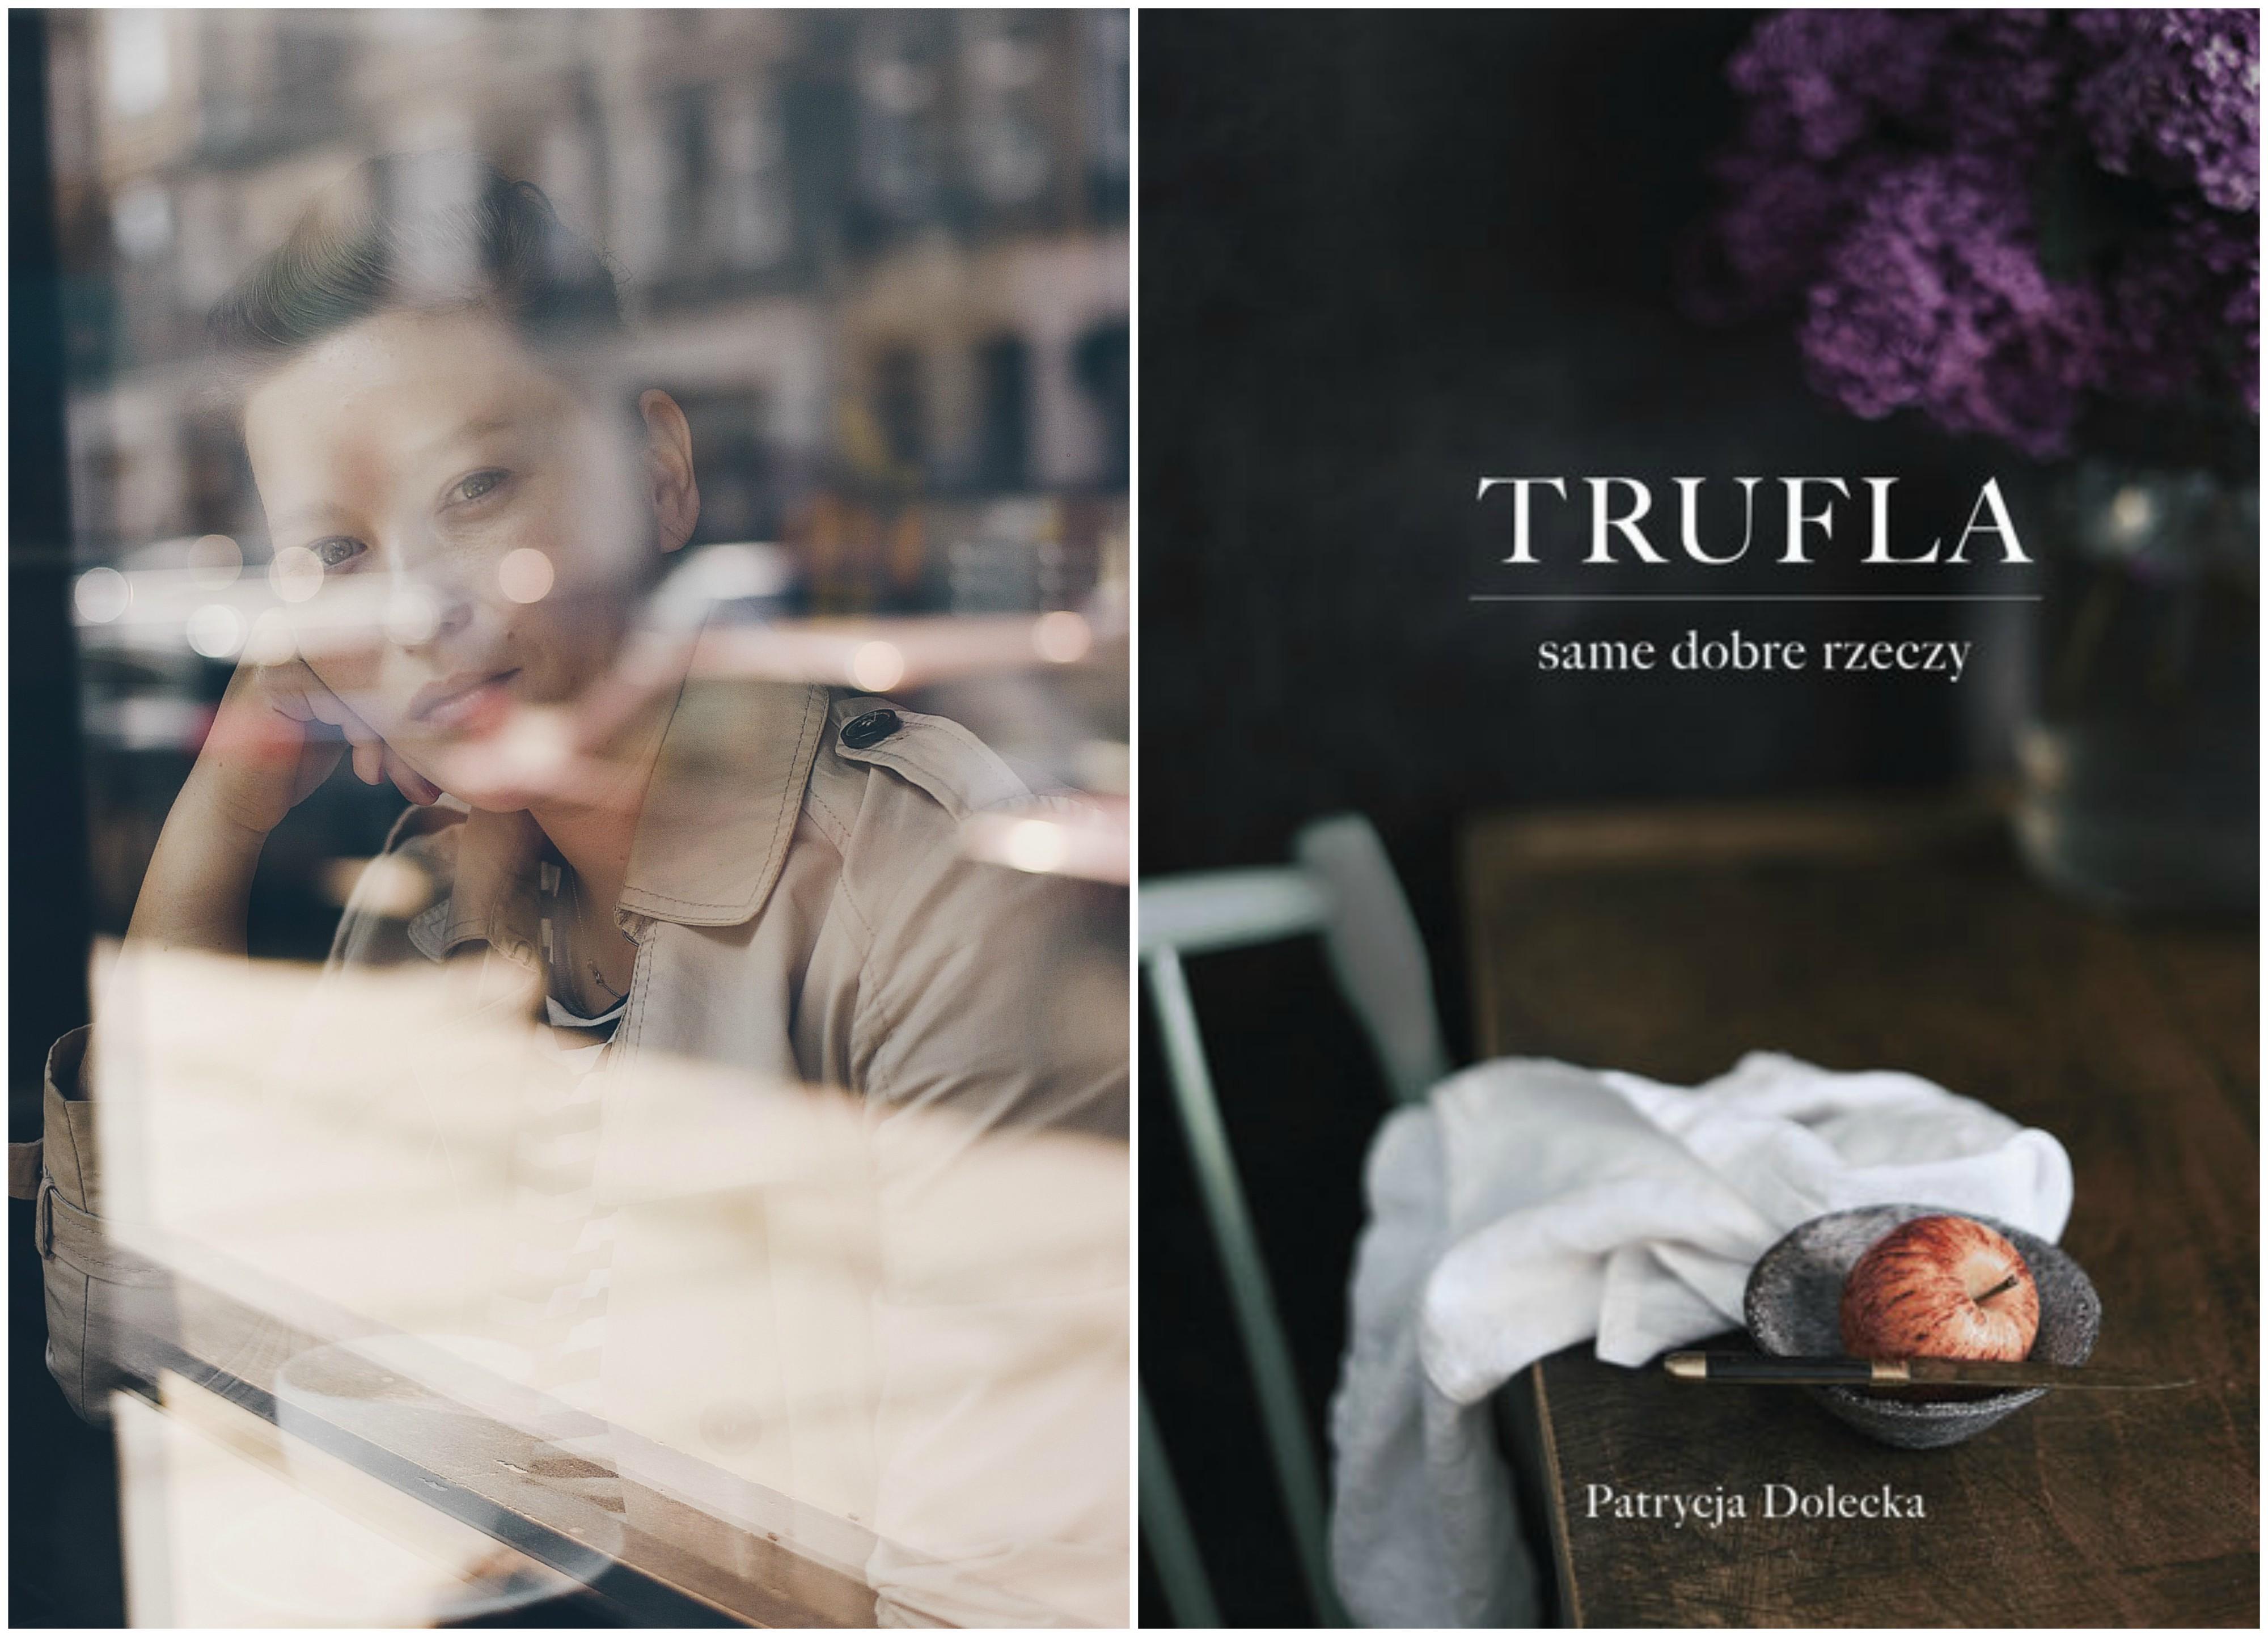 Książka Patrycji Doleckiej 'Trufla. Same dobre rzeczy' ukazała się nakładem Wydawnictwa Buchmann (fot. materiały prasowe)